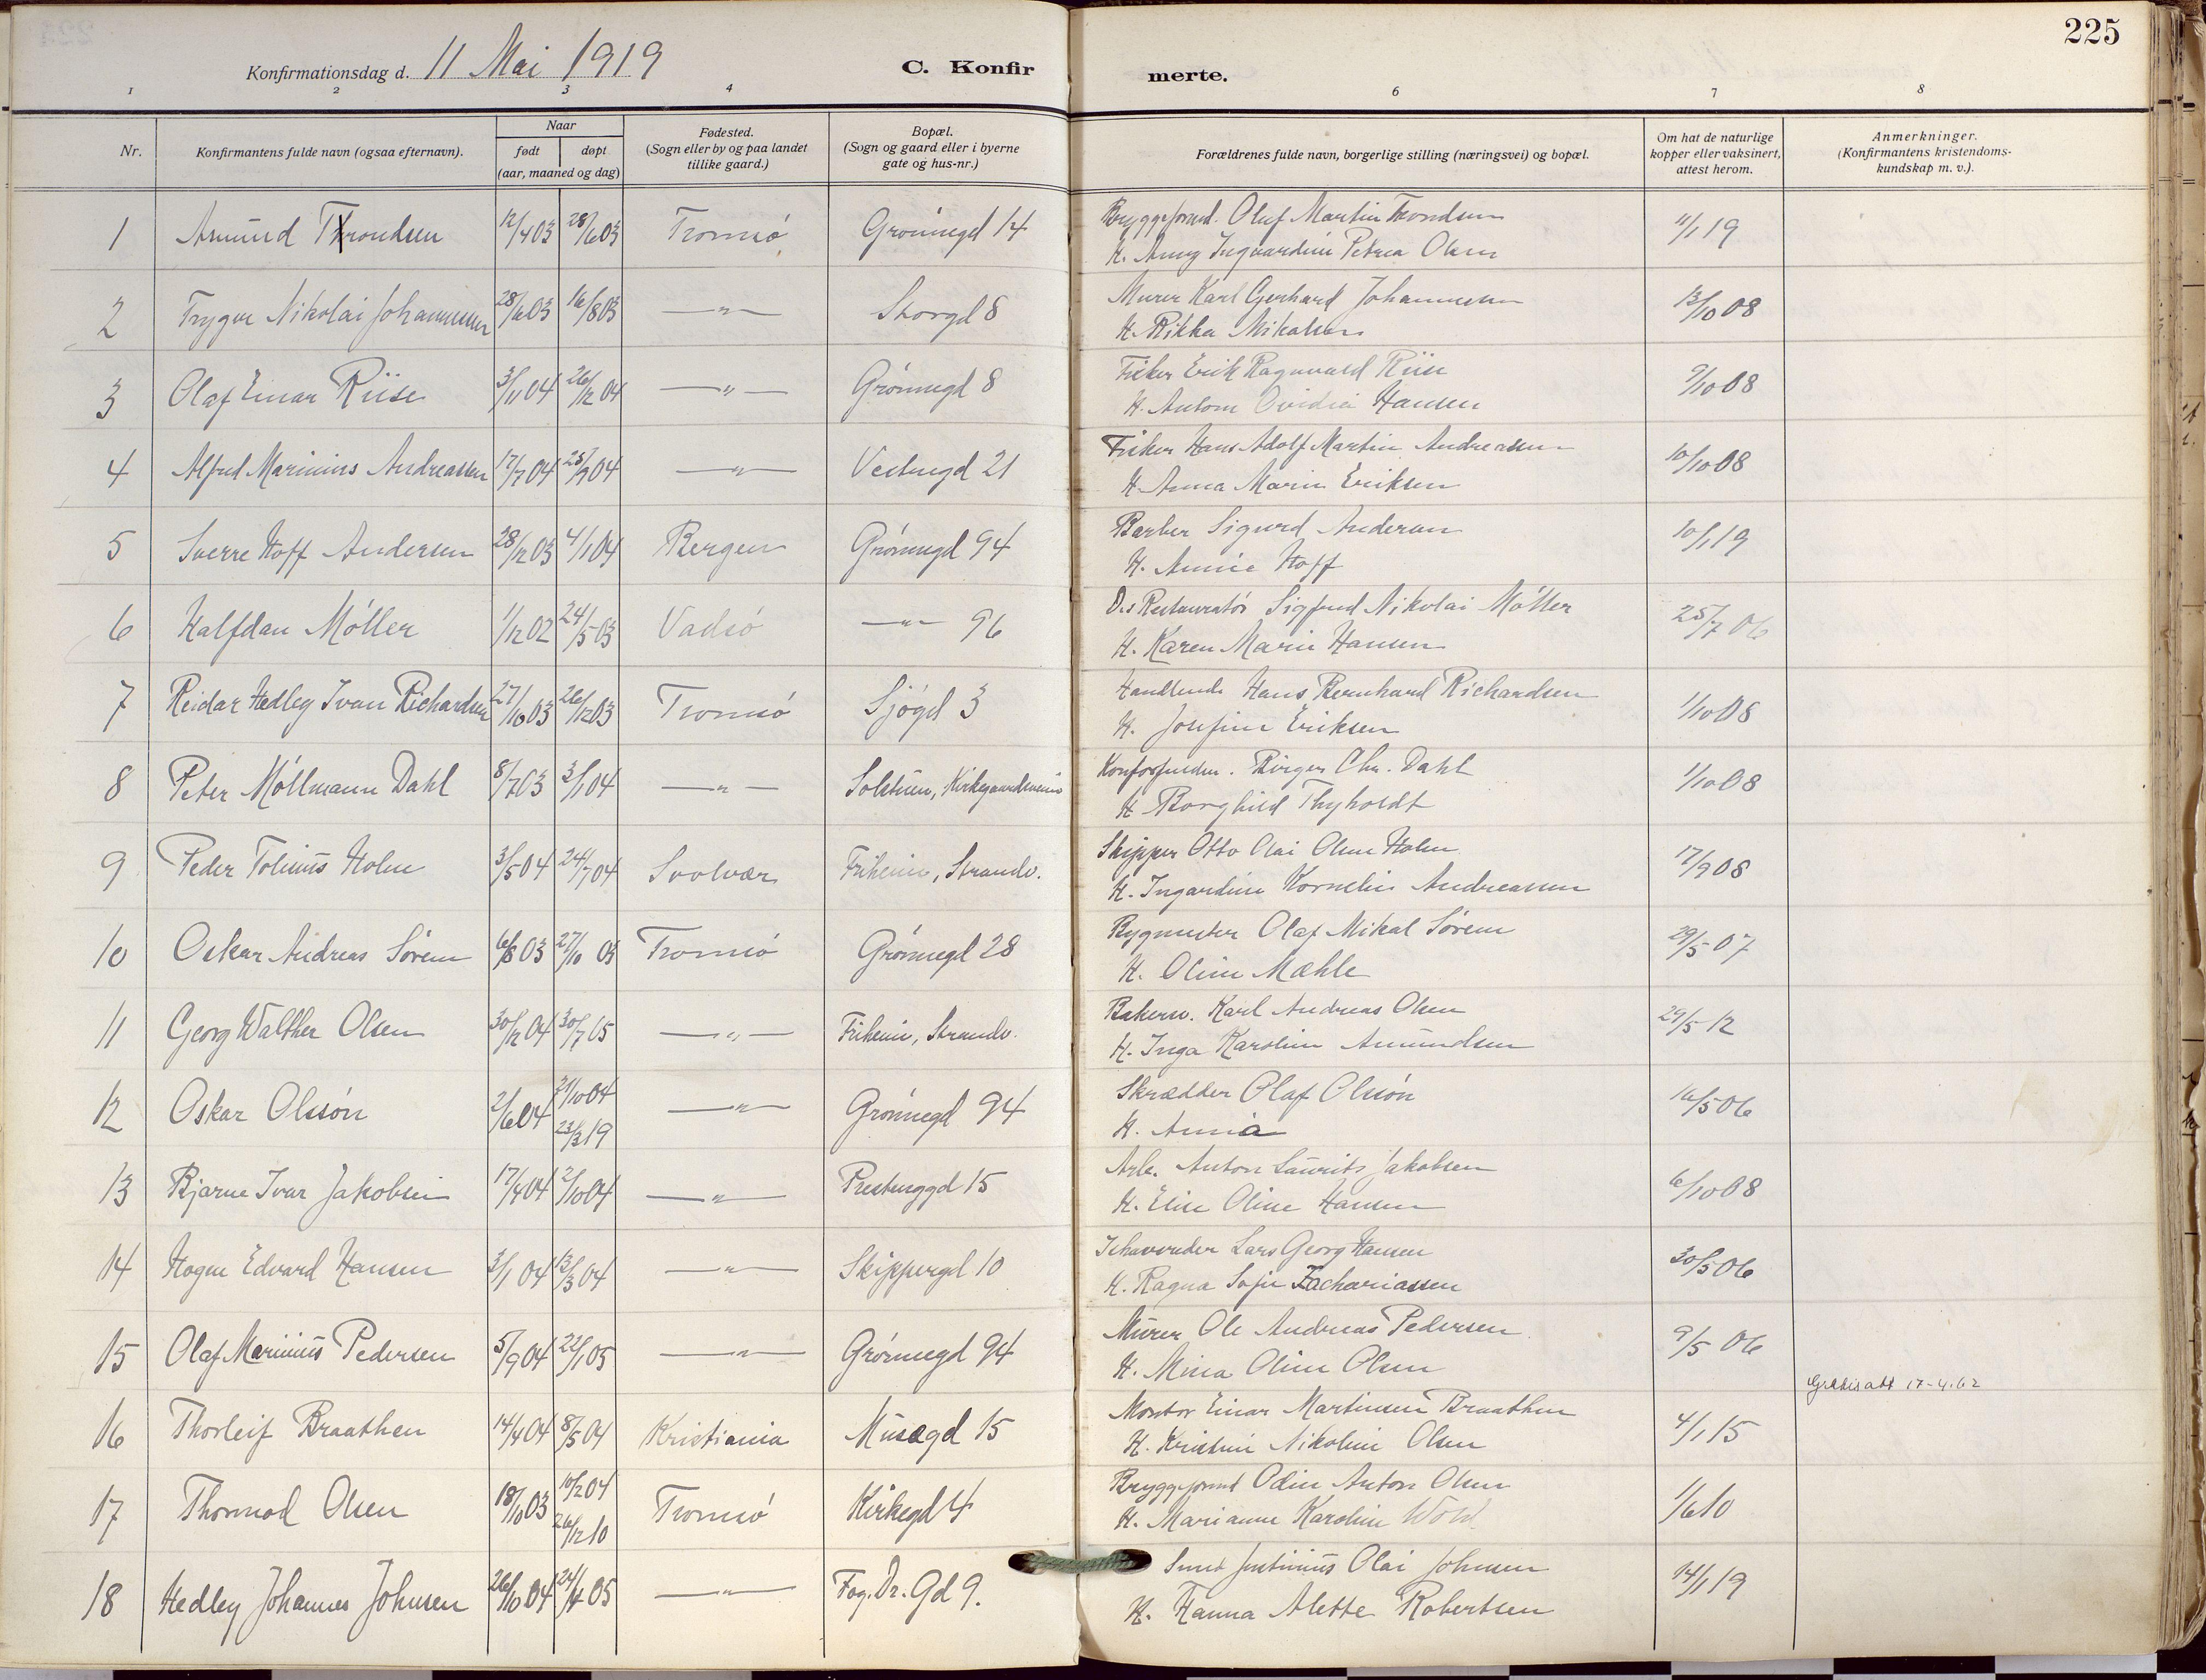 SATØ, Tromsø sokneprestkontor/stiftsprosti/domprosti, G/Ga/L0019kirke: Ministerialbok nr. 19, 1917-1927, s. 225